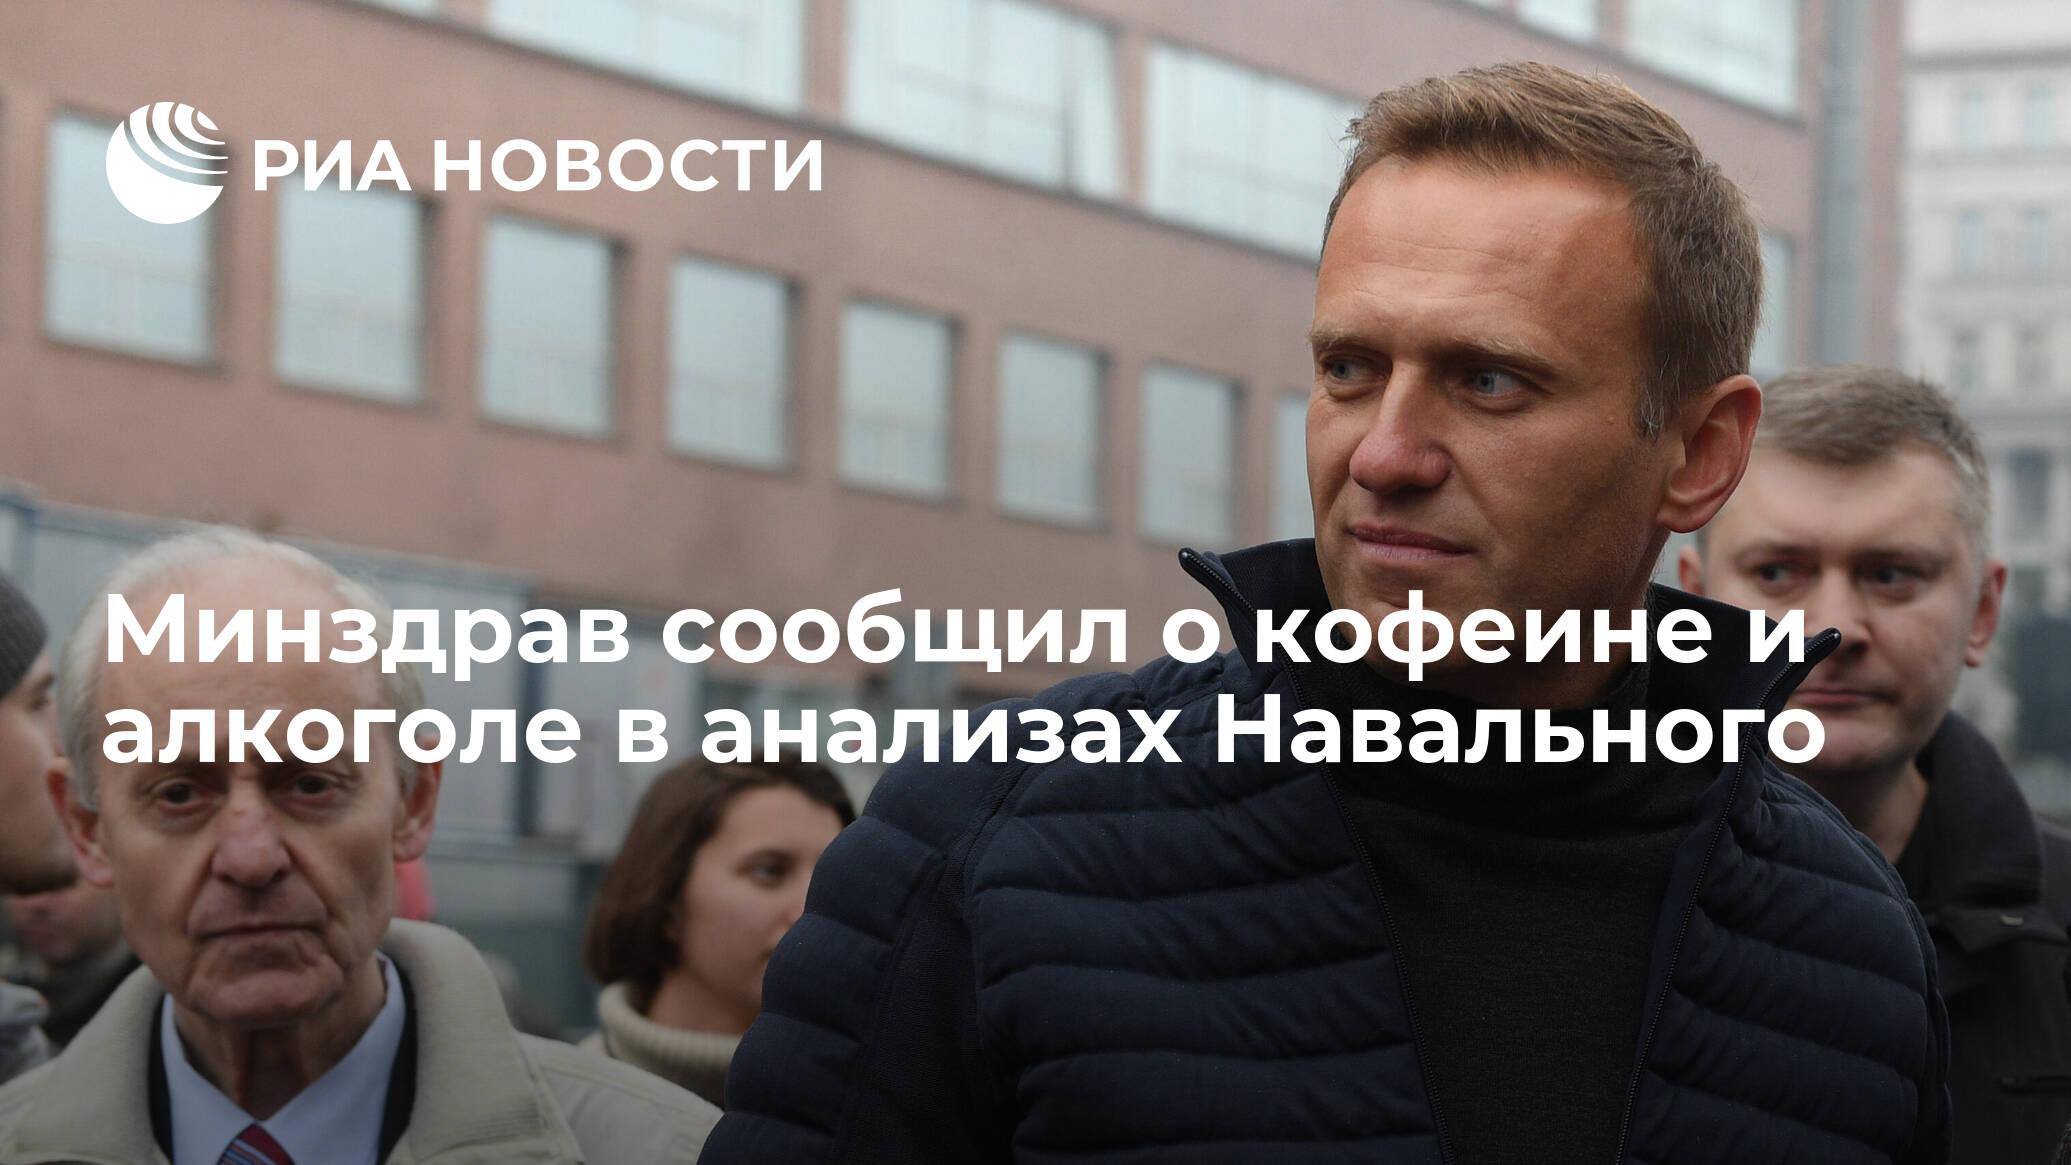 В омском Минздраве рассказали о результатах анализов Навального - РИА НОВОСТИ